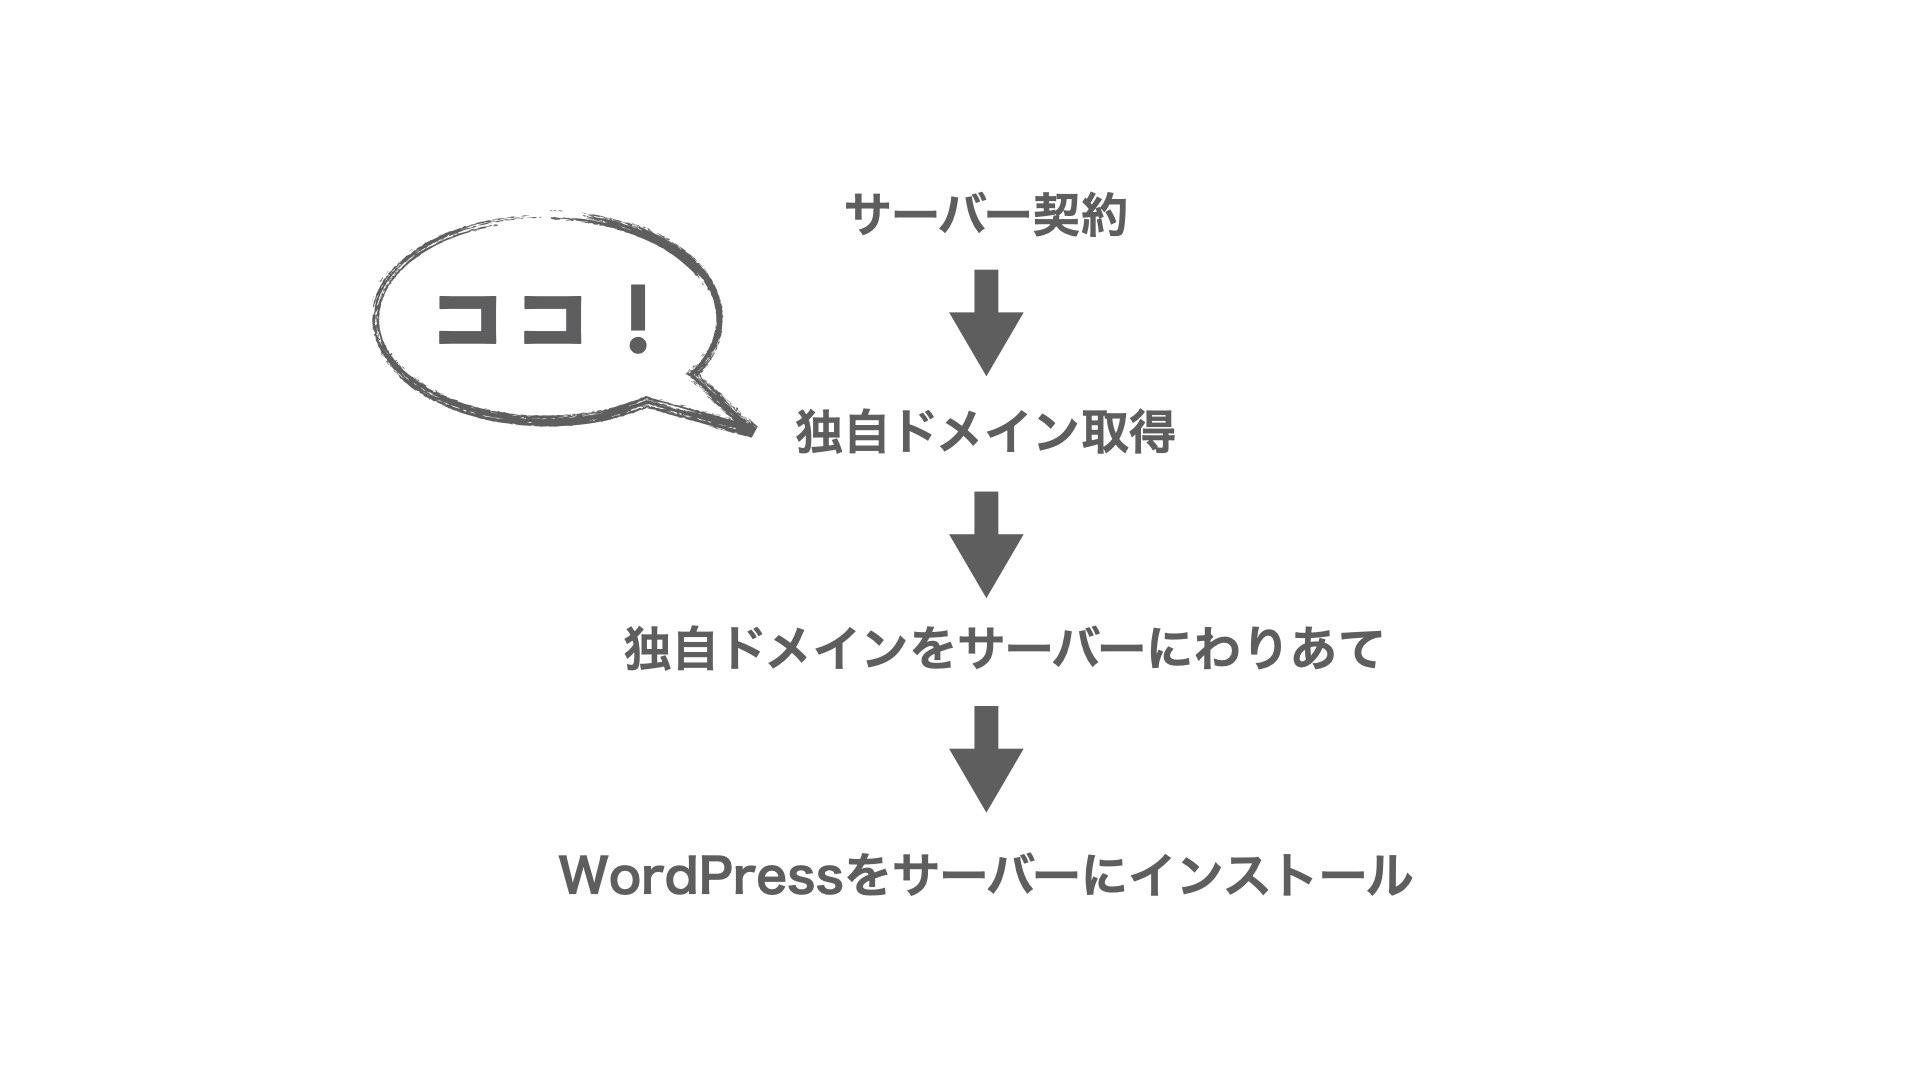 【独自ドメイン】WordPressインストールの流れ.001